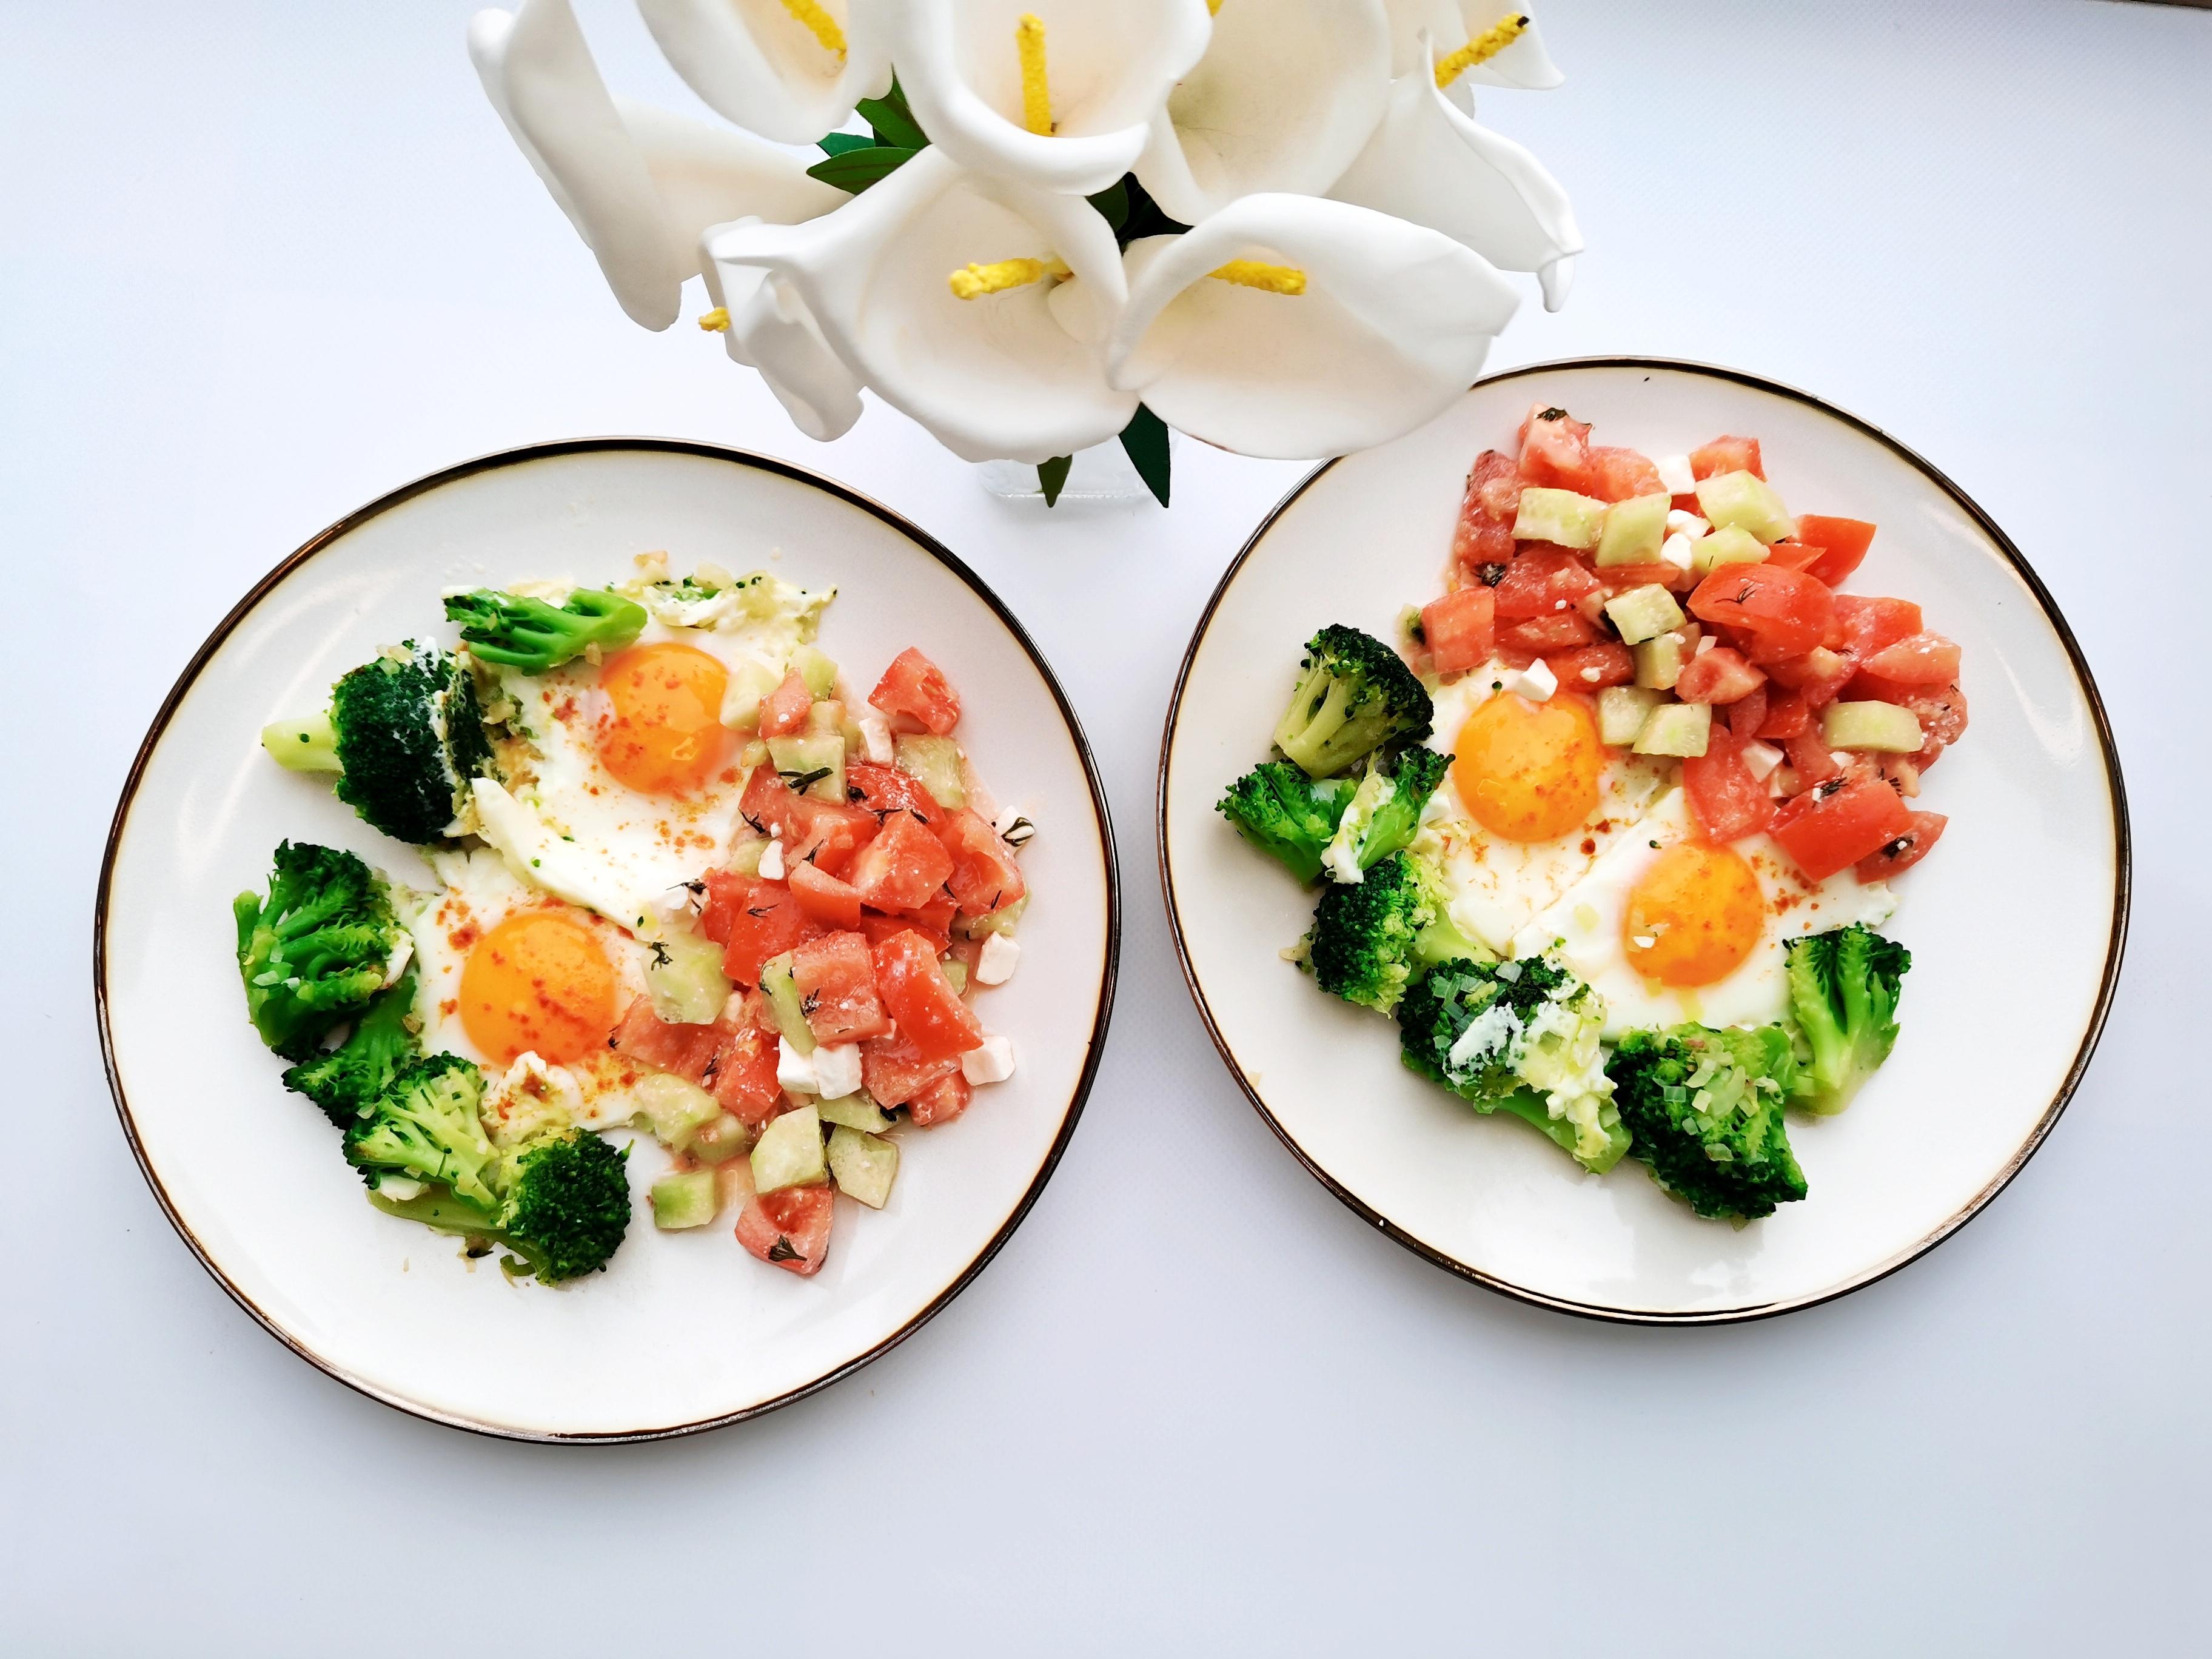 яичница с брокколи и салатом